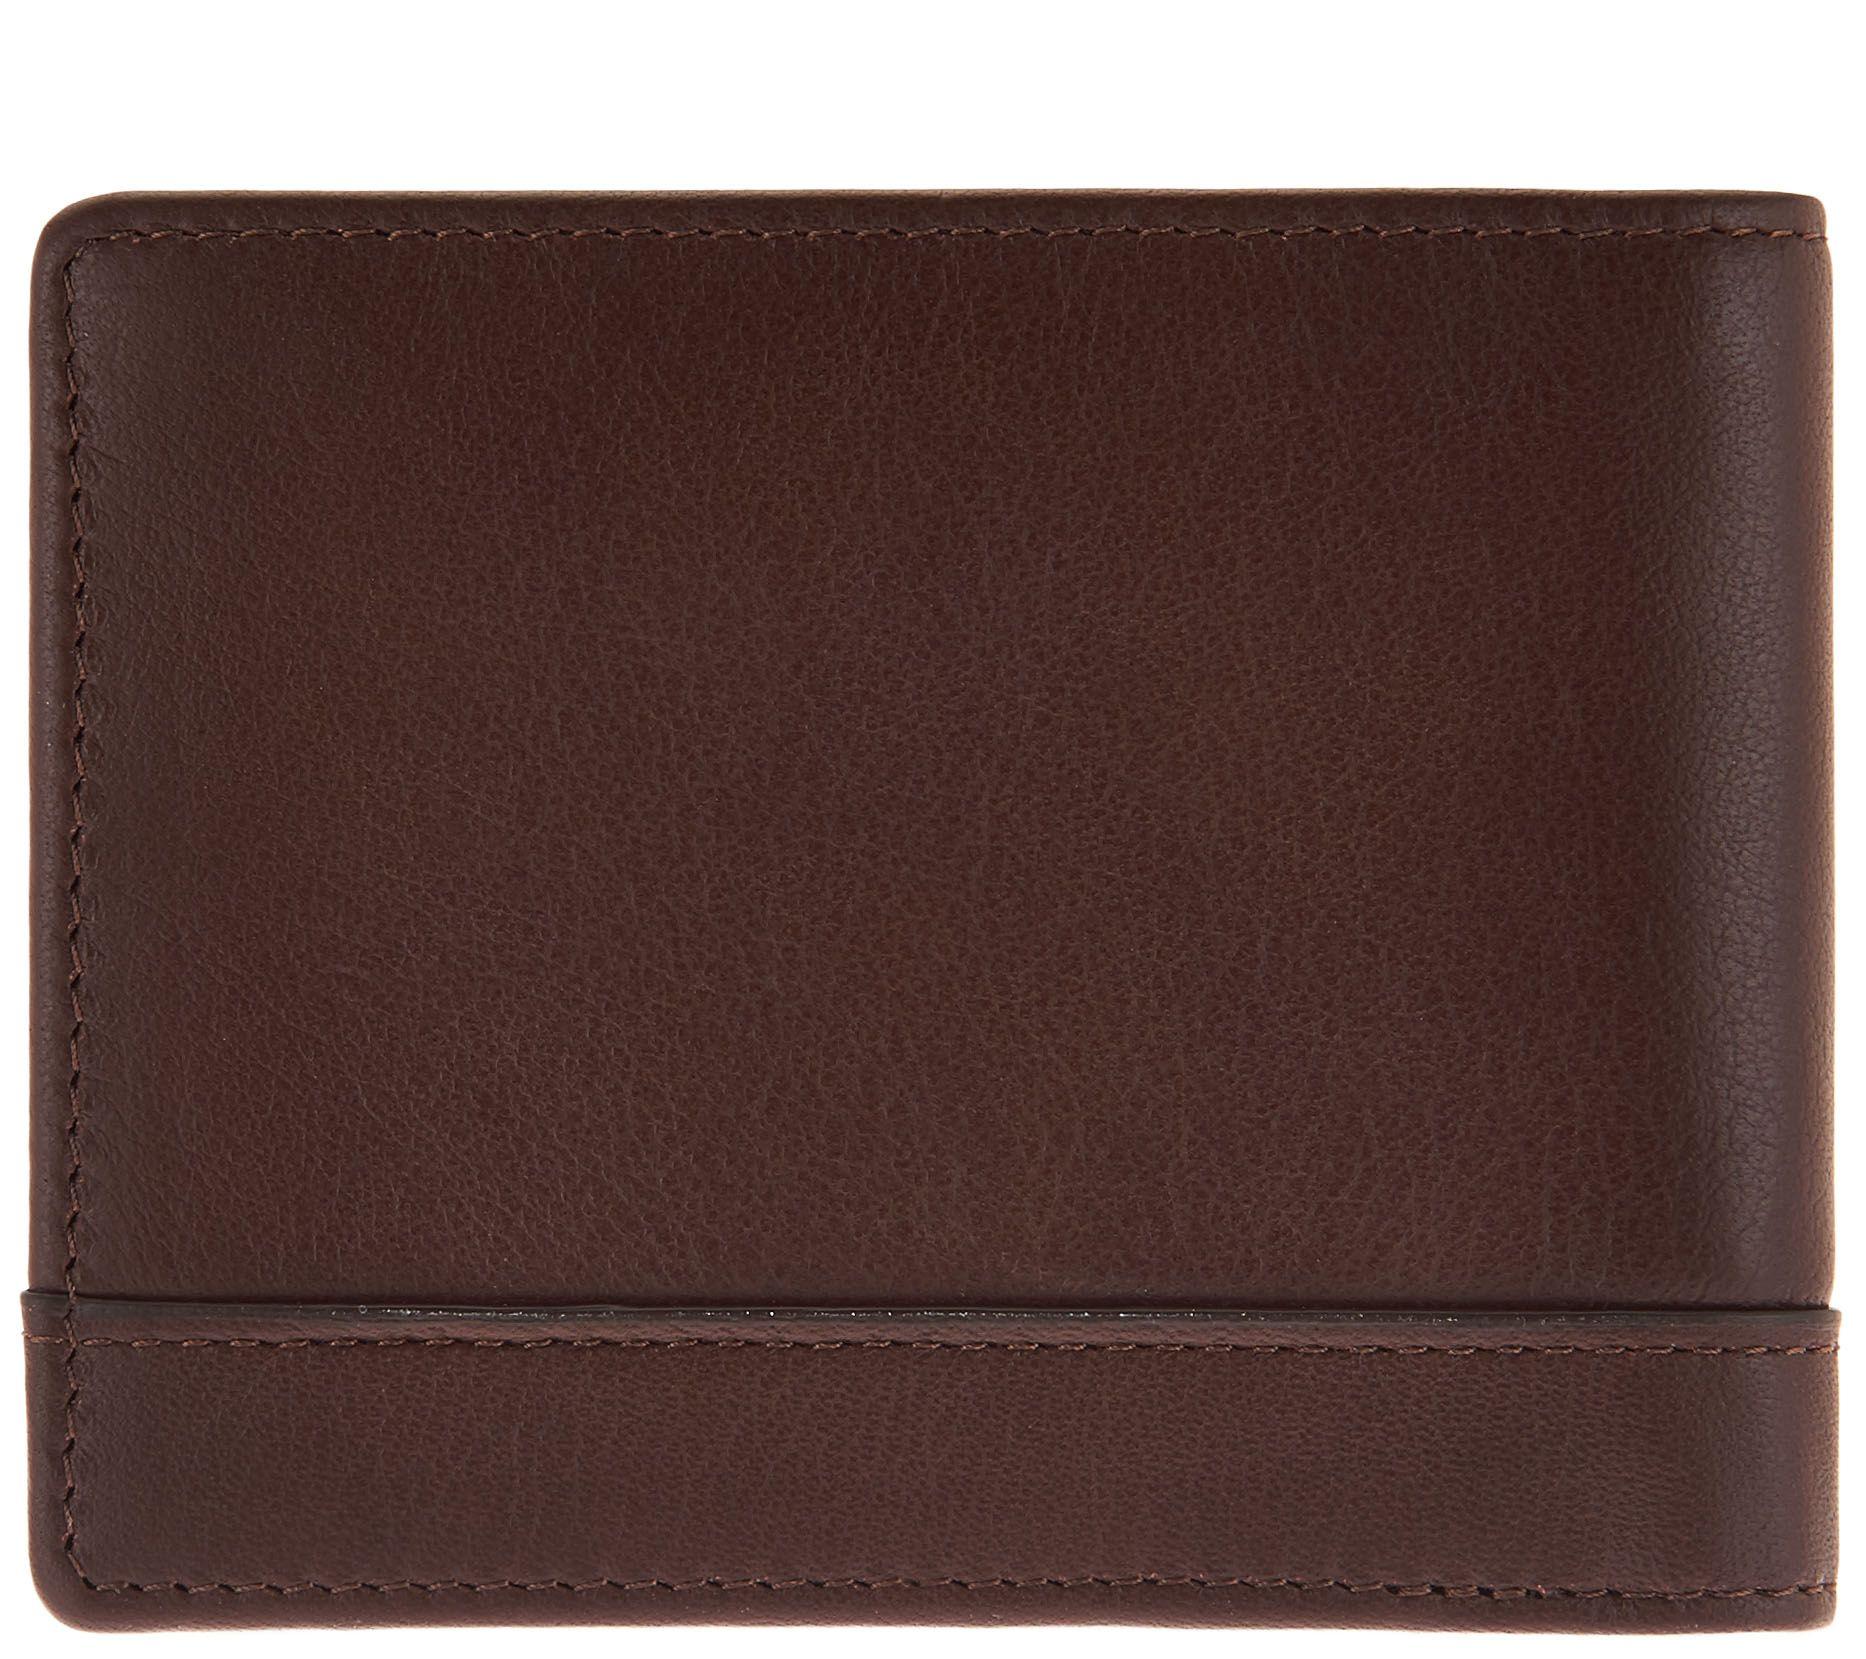 2f3db32f5 LODIS Men's Italian Leather RFID Bi-fold Wallet - Page 1 — QVC.com